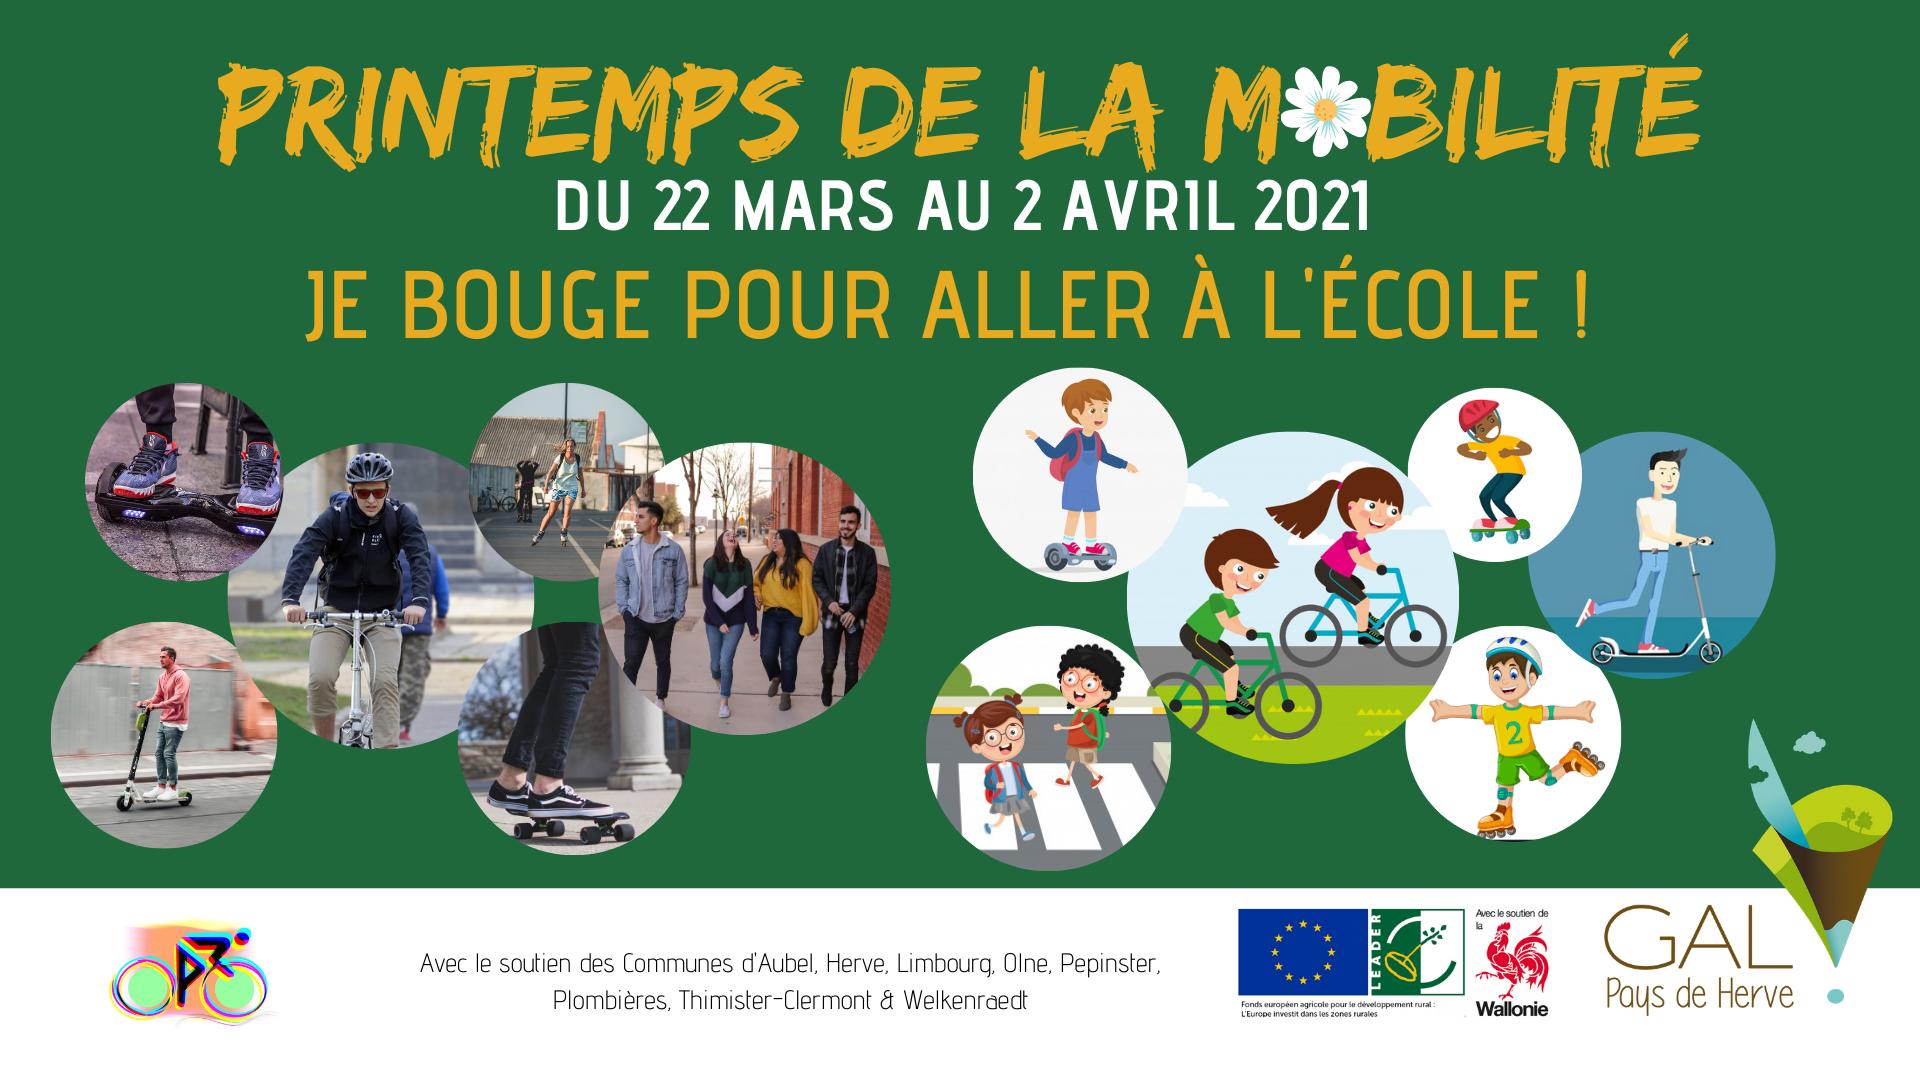 dd Lien vers: MobilitePrintempsMobilite2021